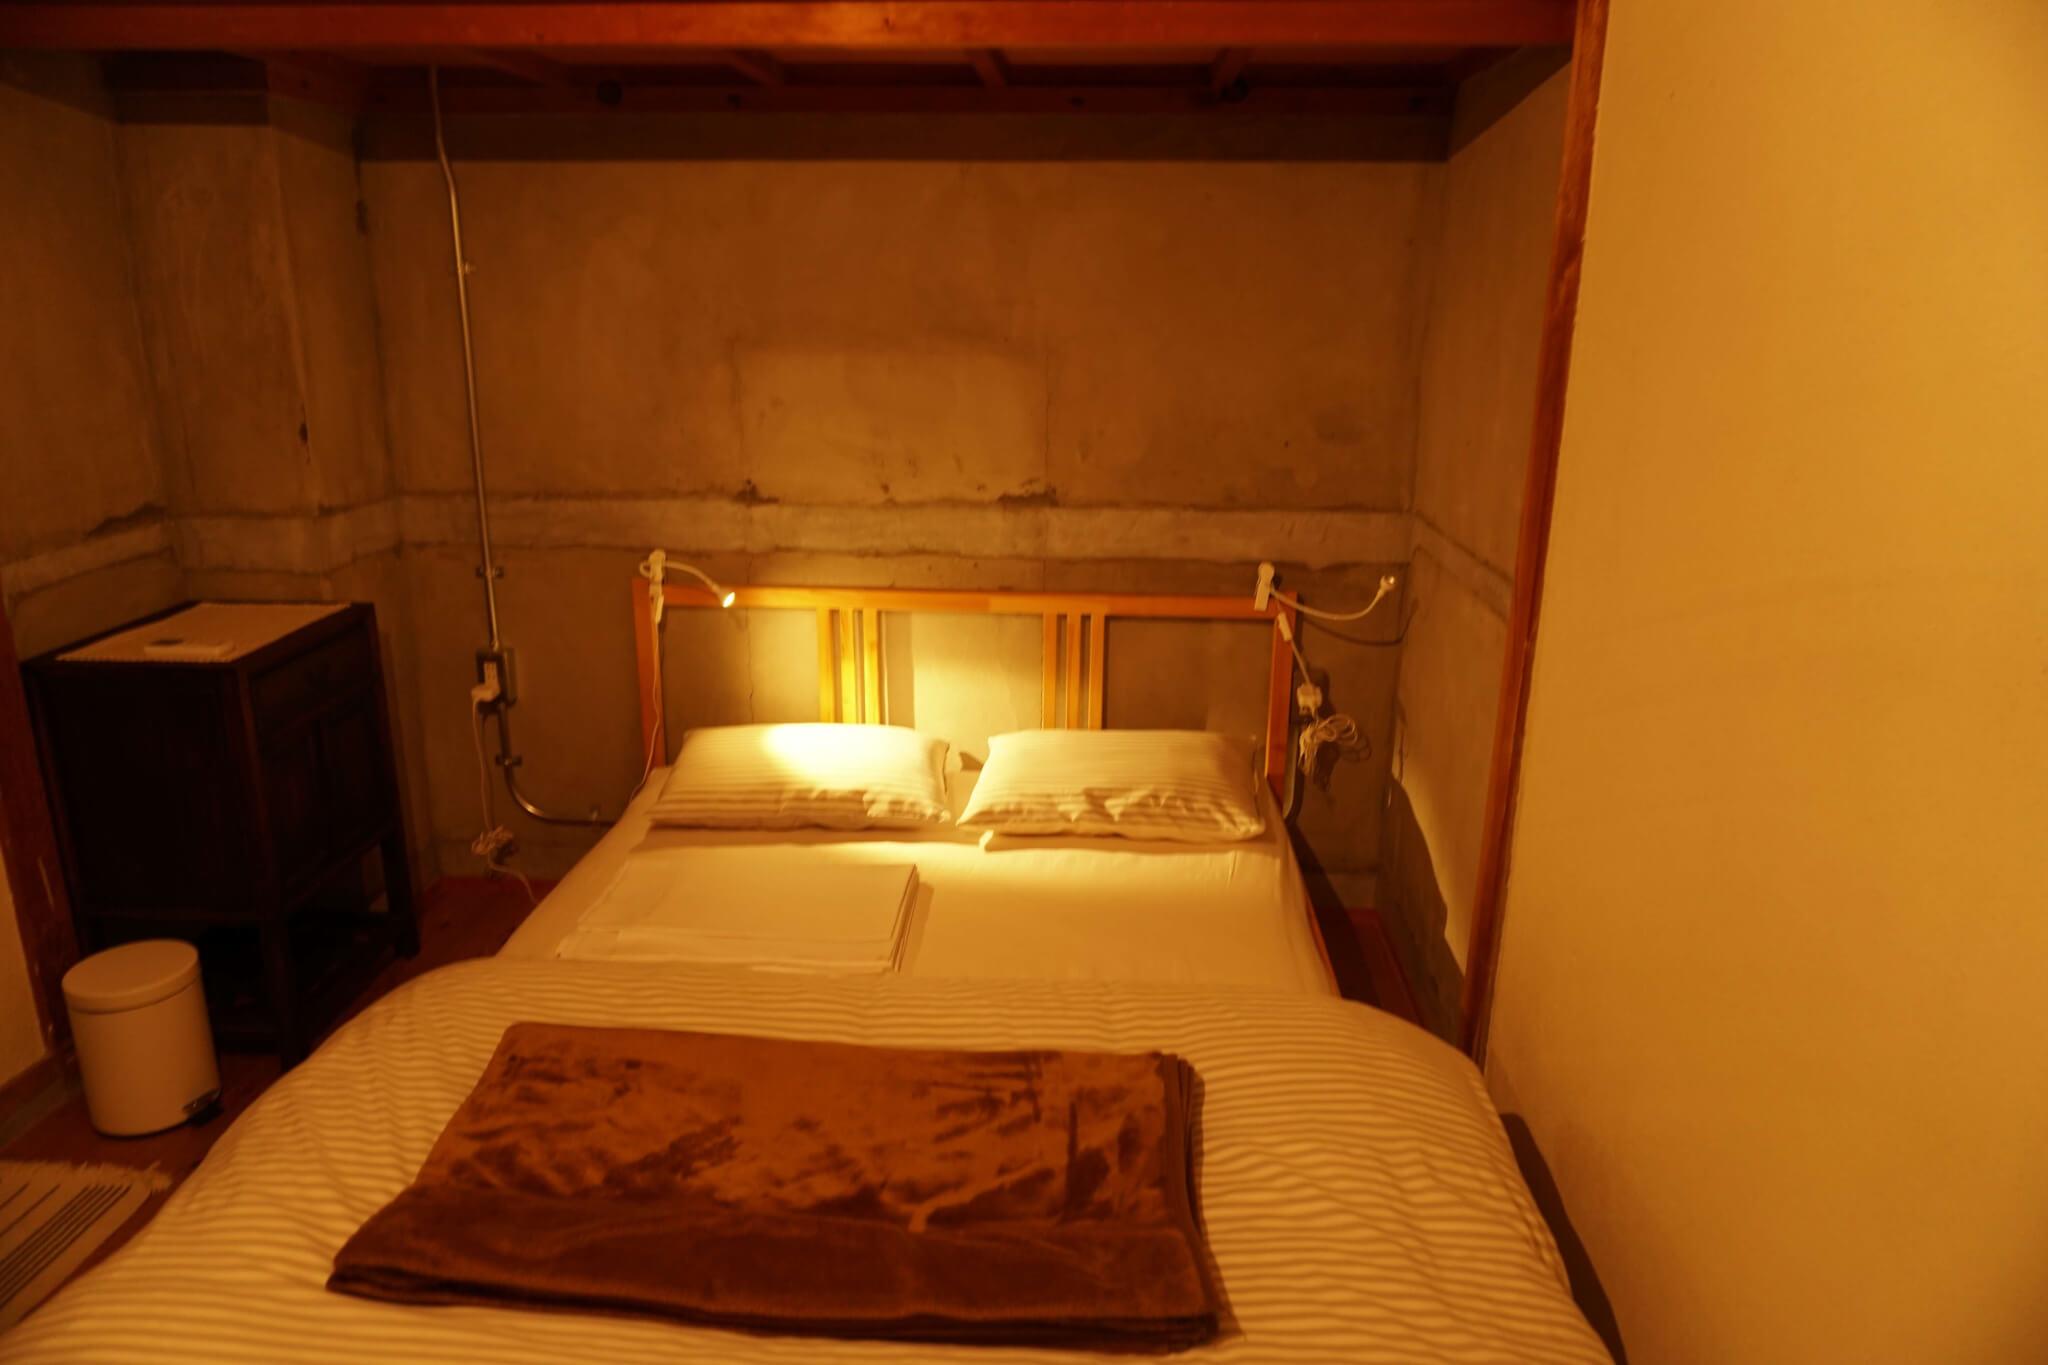 和歌山ゲストハウスRicoの部屋の中